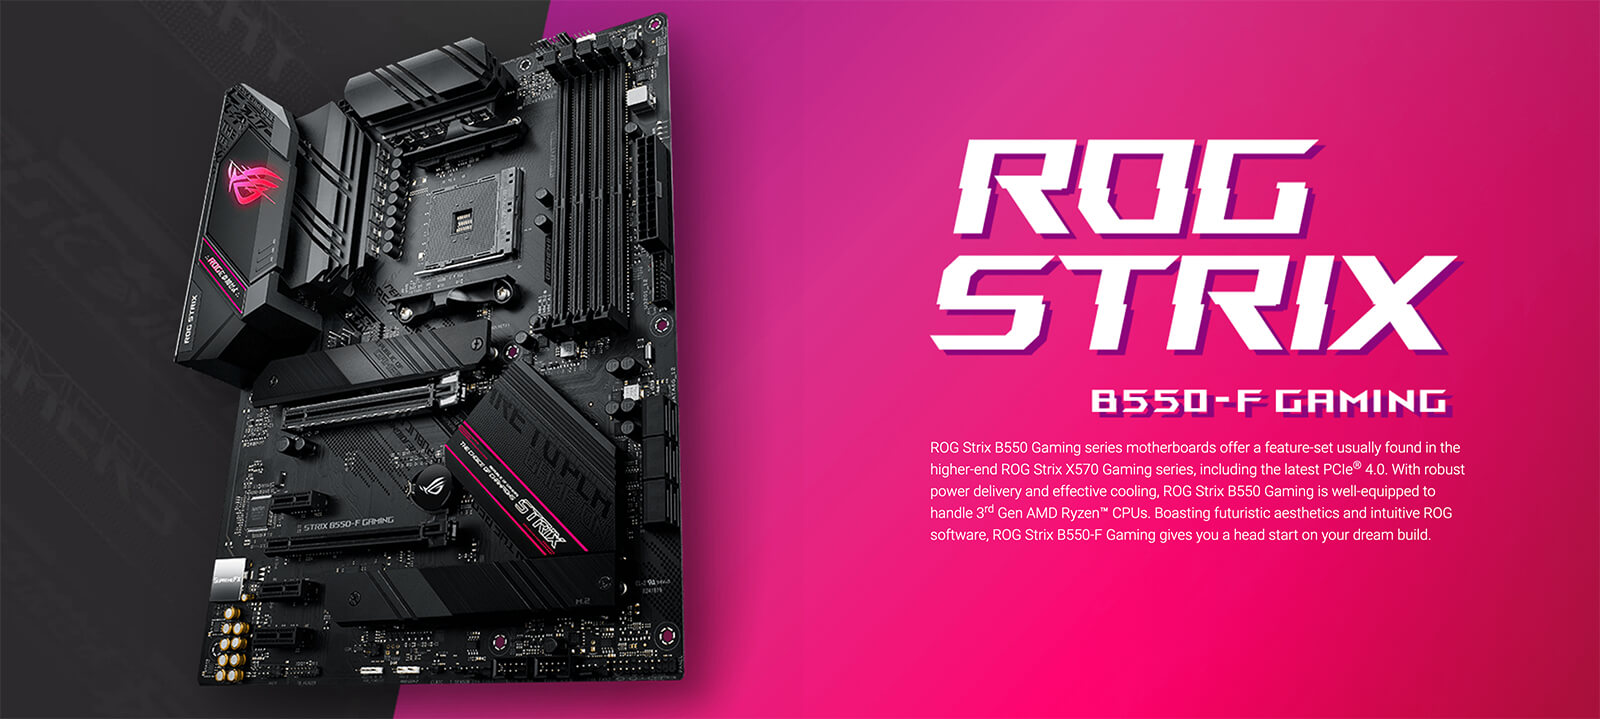 Asus Rog Strix B550 F Gaming